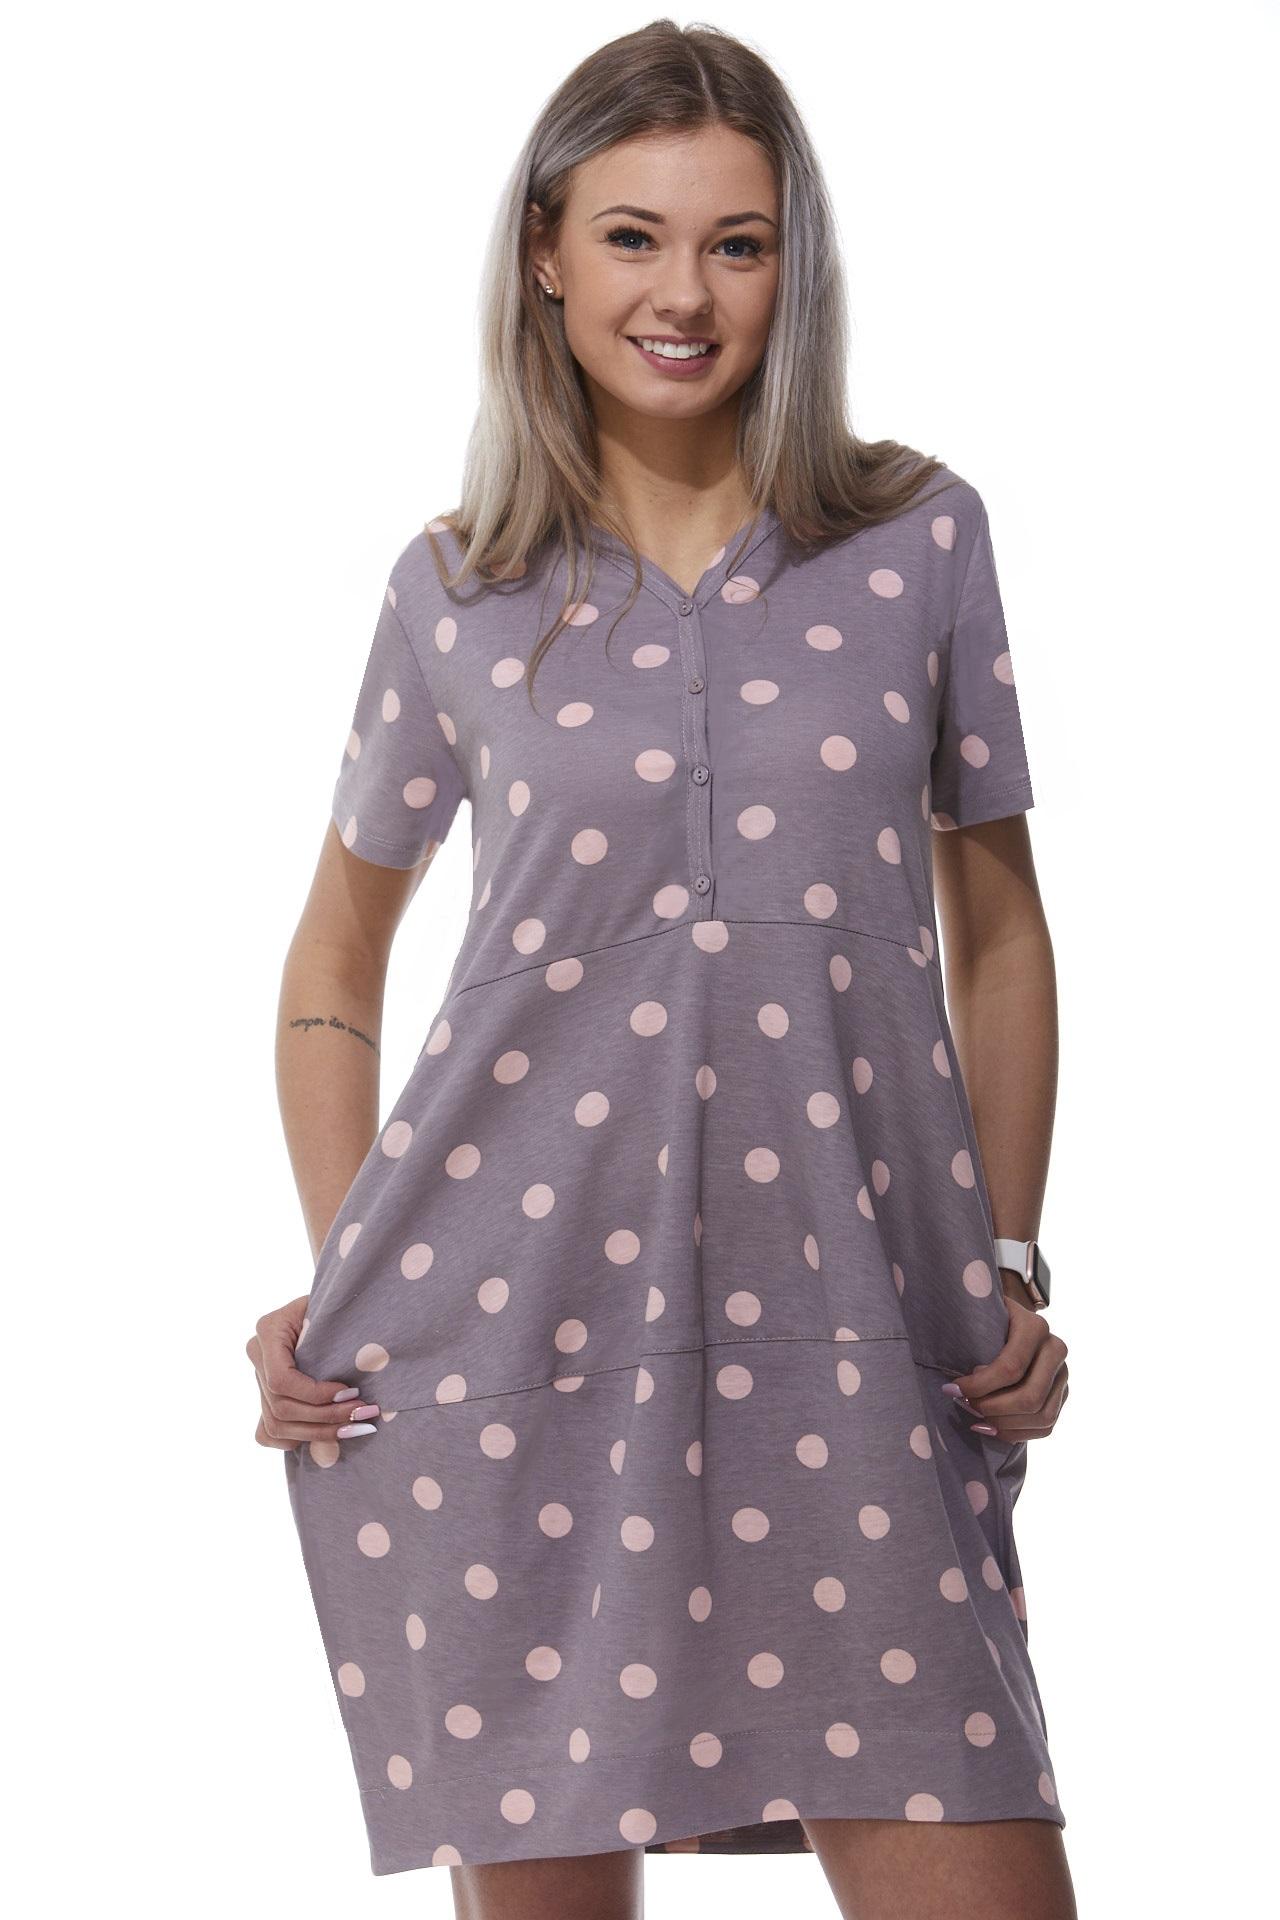 Košilka na spaní pro ženy či dívky 1C2584